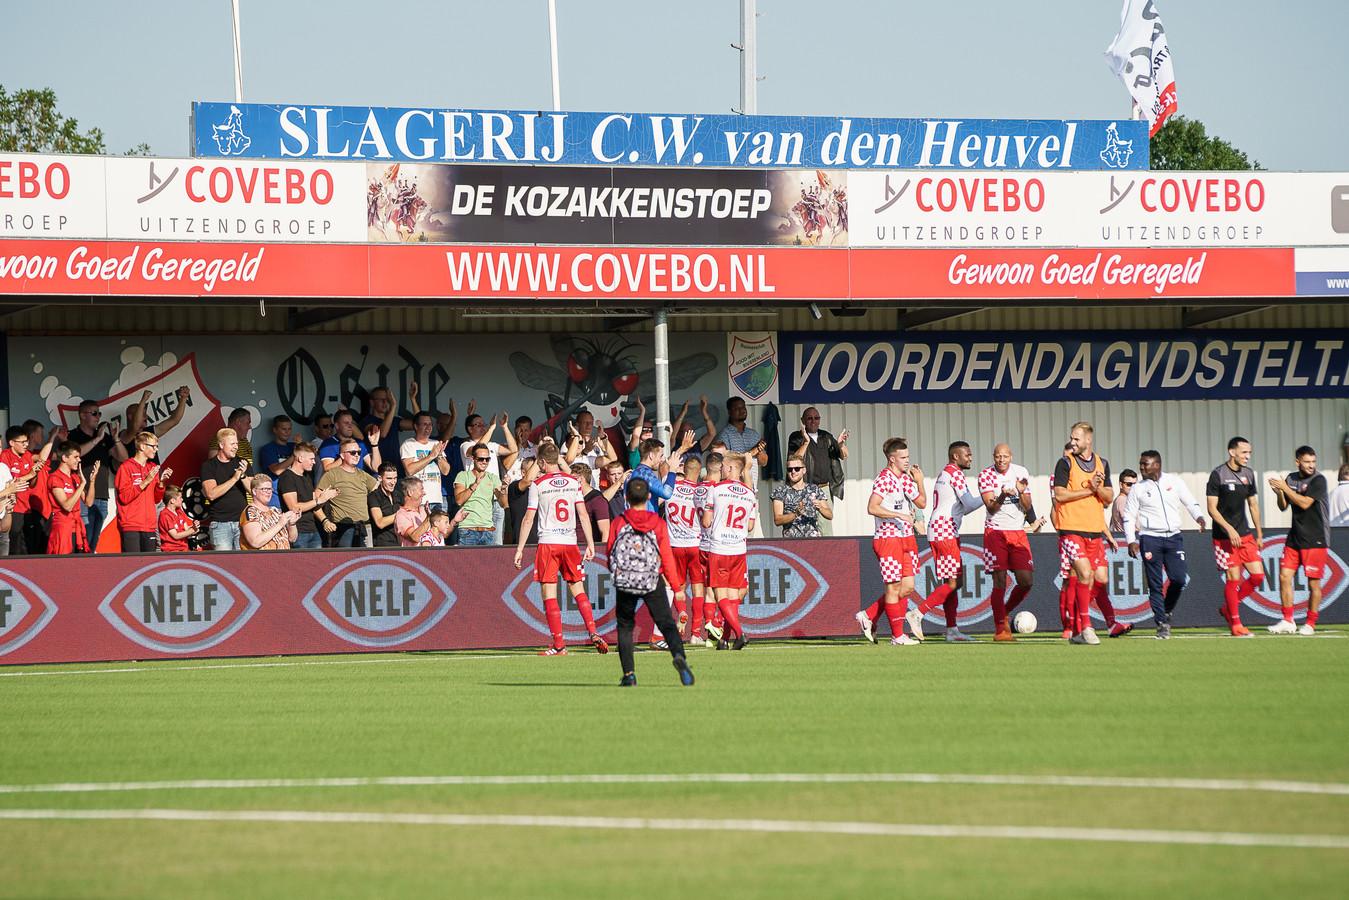 Een opeengepakte Q-side viert samen met de spelers van Kozakken Boys uit Werkendam de 4-1 overwinning op IJsselmeervogels.